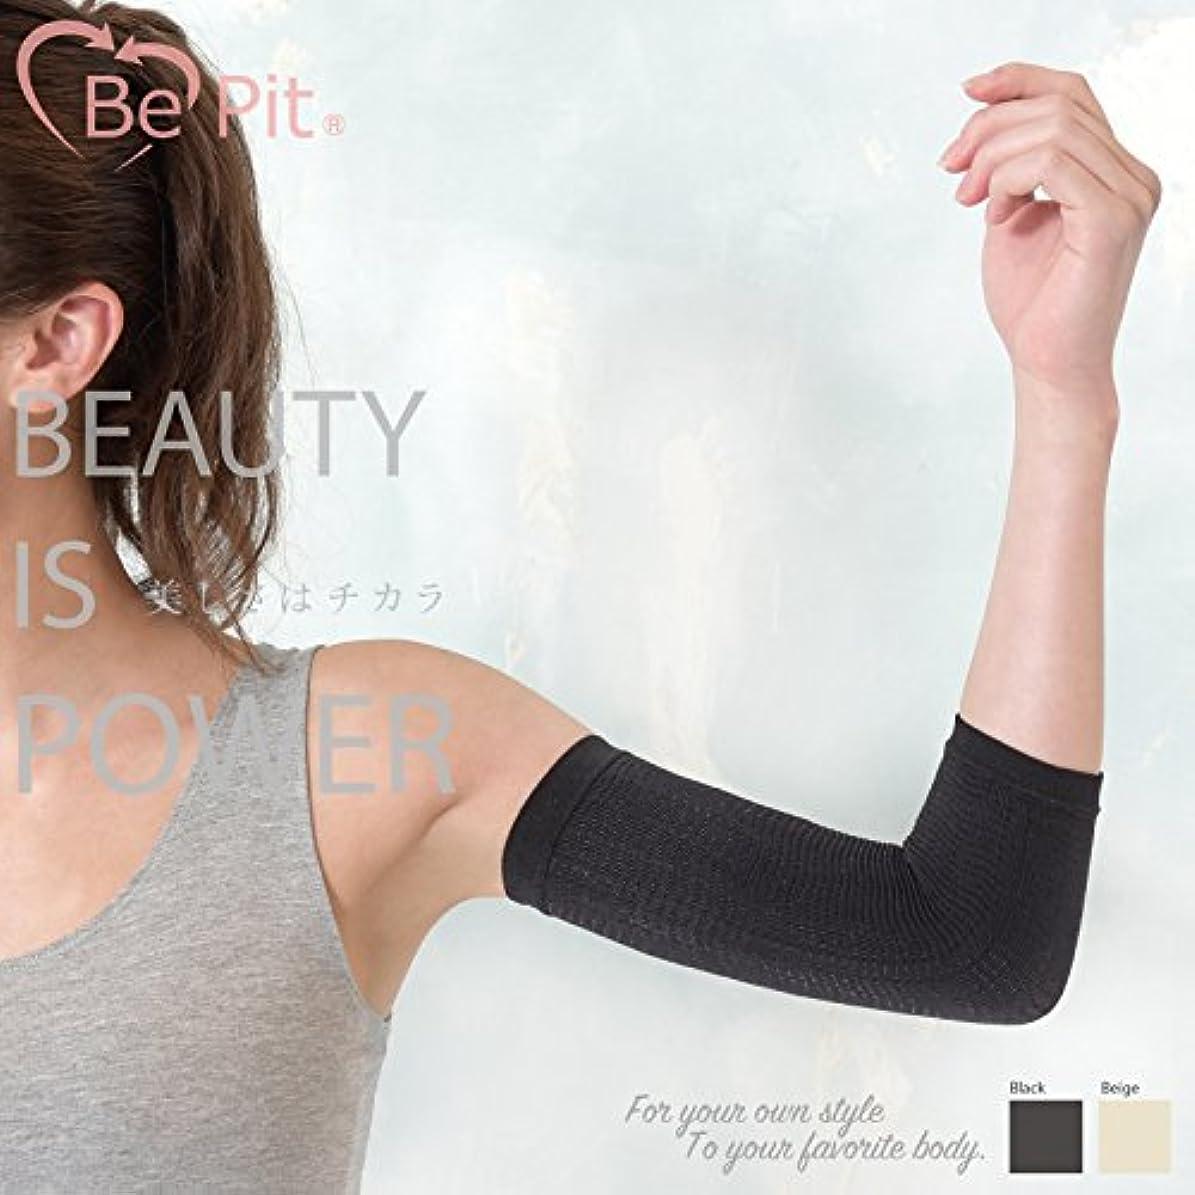 フェードアウト再発する現金美ピット(Bepit) 二の腕マッサージフィットスパッツ Bepit016 (ブラック)